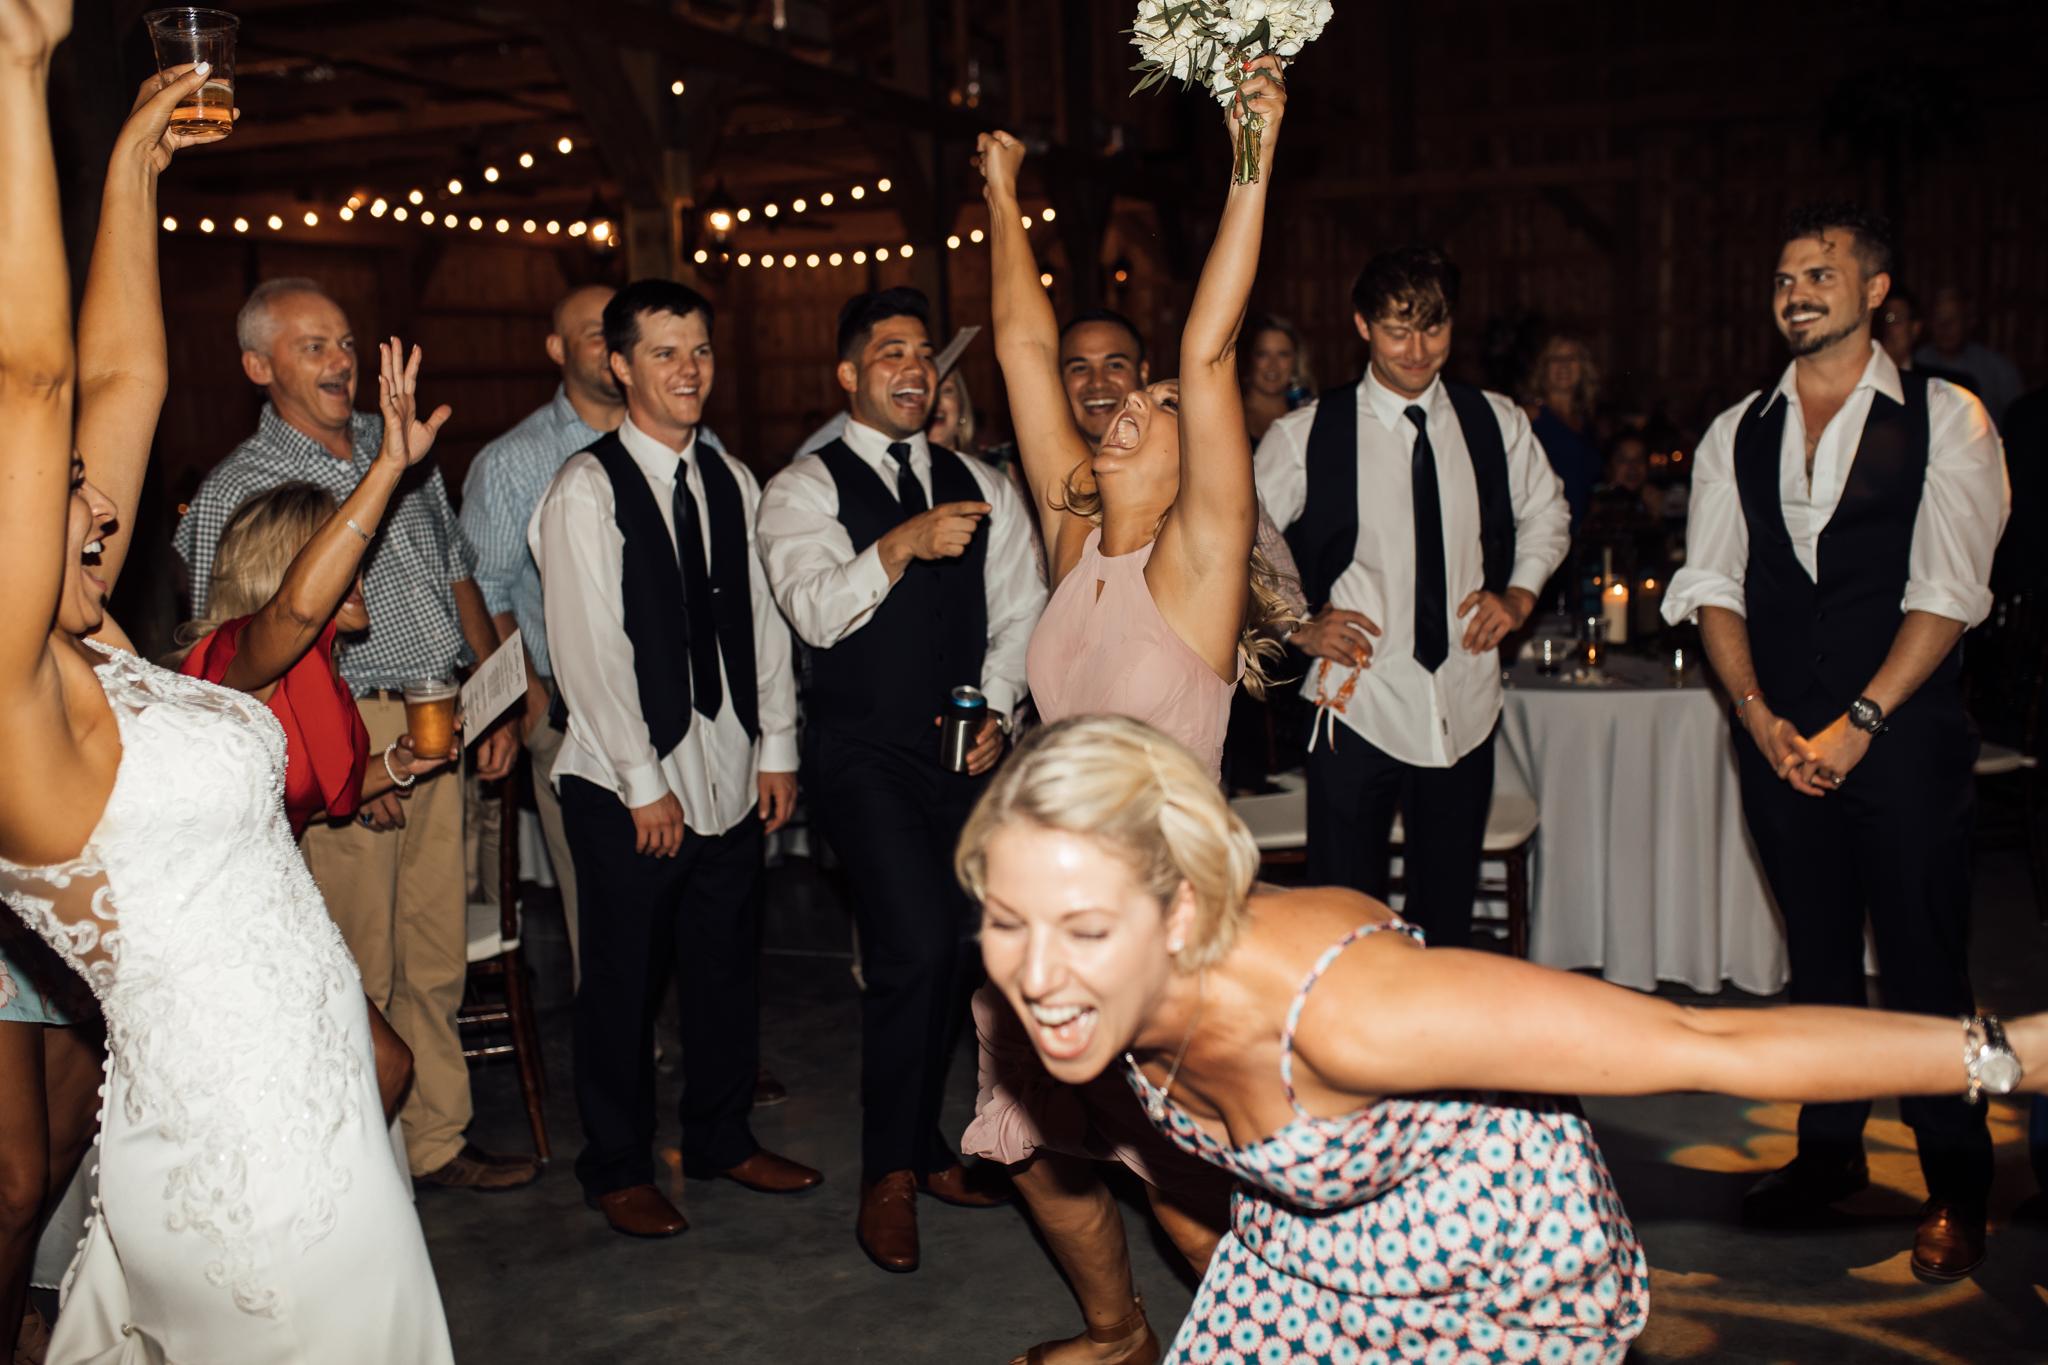 saddlewoodsfarms-nashville-wedding-photographer-thewarmtharoundyou-rustic-wedding (241 of 251).jpg